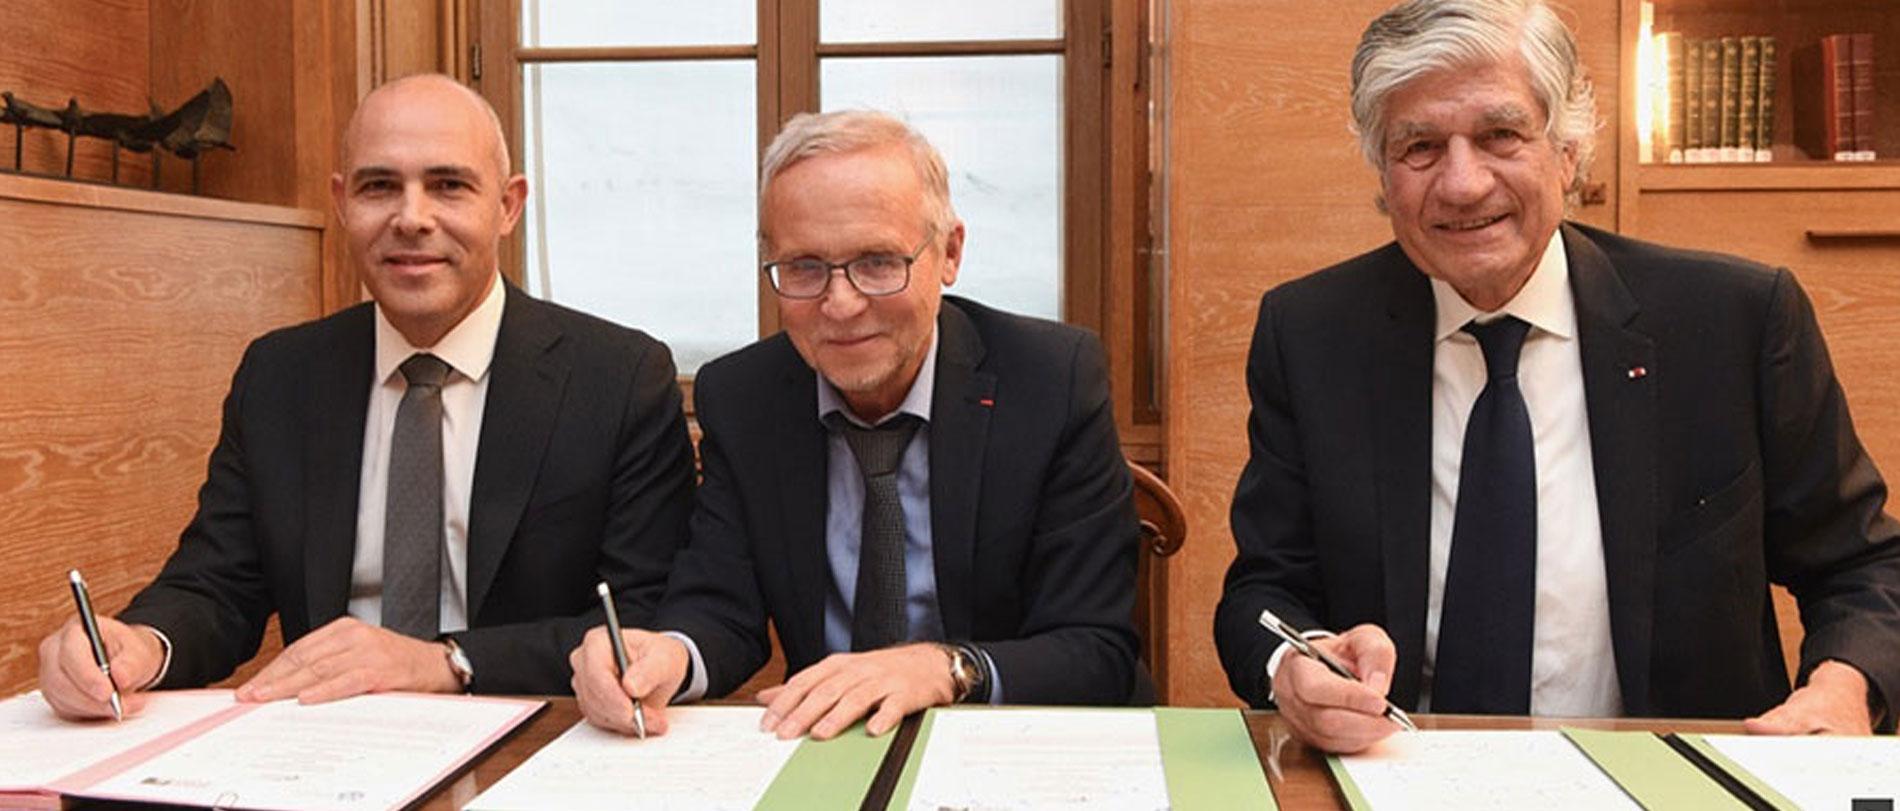 Partenariat entre l'Institut Weizmann des Sciences et le Collège de France